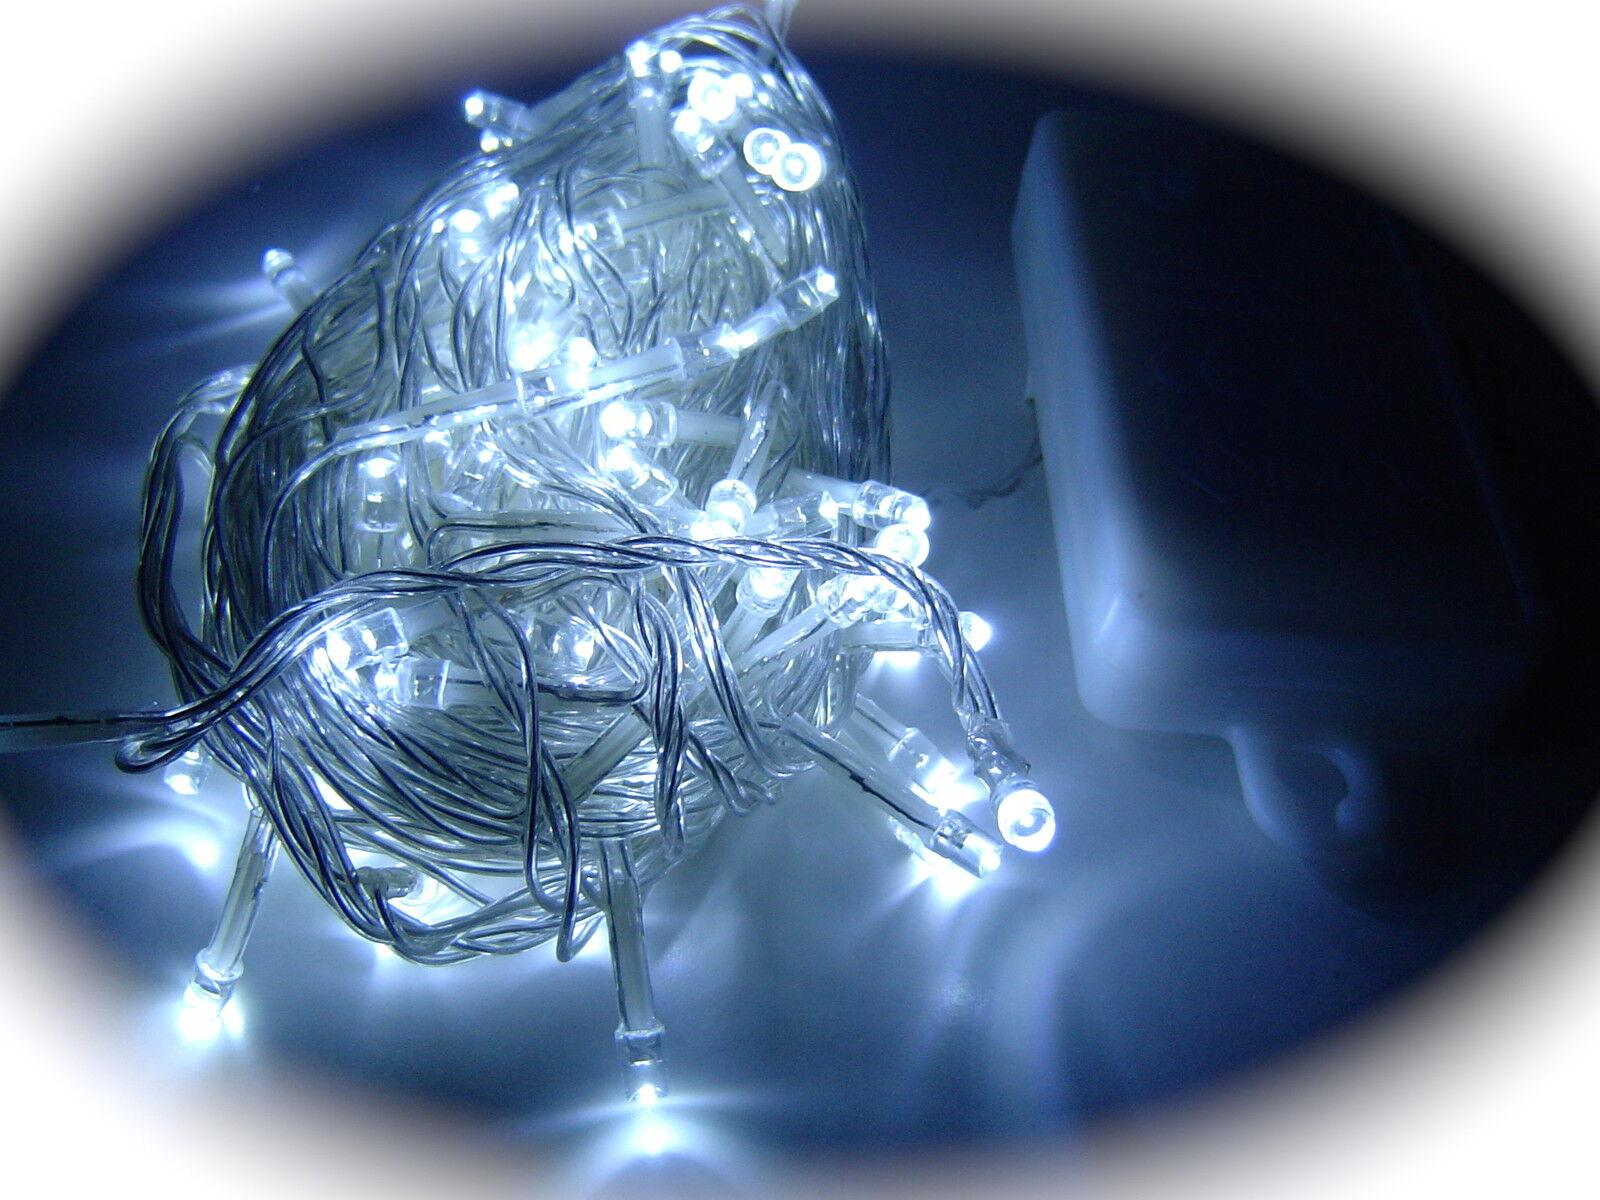 $T2eC16dHJHwFG2OkGLhZBS,Do4bfn!~~60_57 Wunderschöne Lichterkette Mit Batterie Und Zeitschaltuhr Dekorationen